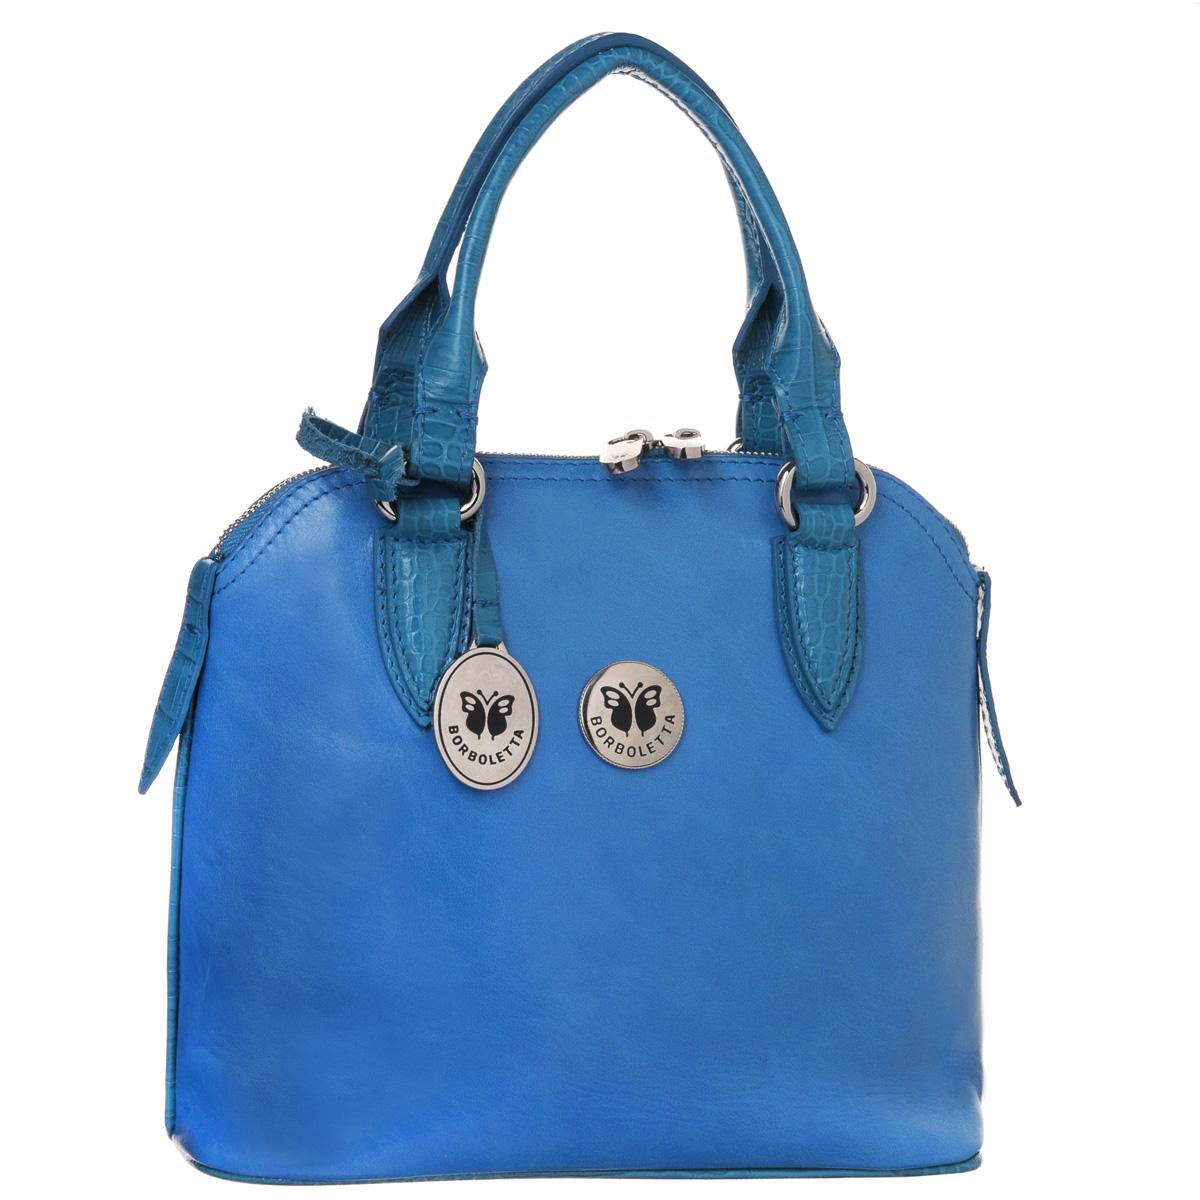 Сумка женская Borboletta, цвет: голубой. 21-0142-13-MEL/L-B/CR/L-B21-0142-13-MEL/L-B/CR/L-BСтильная женская сумка Borboletta выполнена из натуральной глянцевой кожи. Сумка имеет одно основное отделение, которое закрывается на застежку-молнию с двумя бегунками. Внутри имеется вшитый карман на застежке-молнии и два накладных кармашка для мелочей и мобильного телефона. Внешняя сторона оформлена металлической пластиной с логотипом бренда. Сумка оснащена двумя удобными ручками и широким основанием с четырьмя небольшими металлическими ножками. Сумка украшена подвеской в виде кожаного ремешка с металлическим декоративным элементом. К сумке прилагается чехол для хранения. Модная сумочка станет ярким акцентом вашего образа и подчеркнет ваш безупречный вкус.